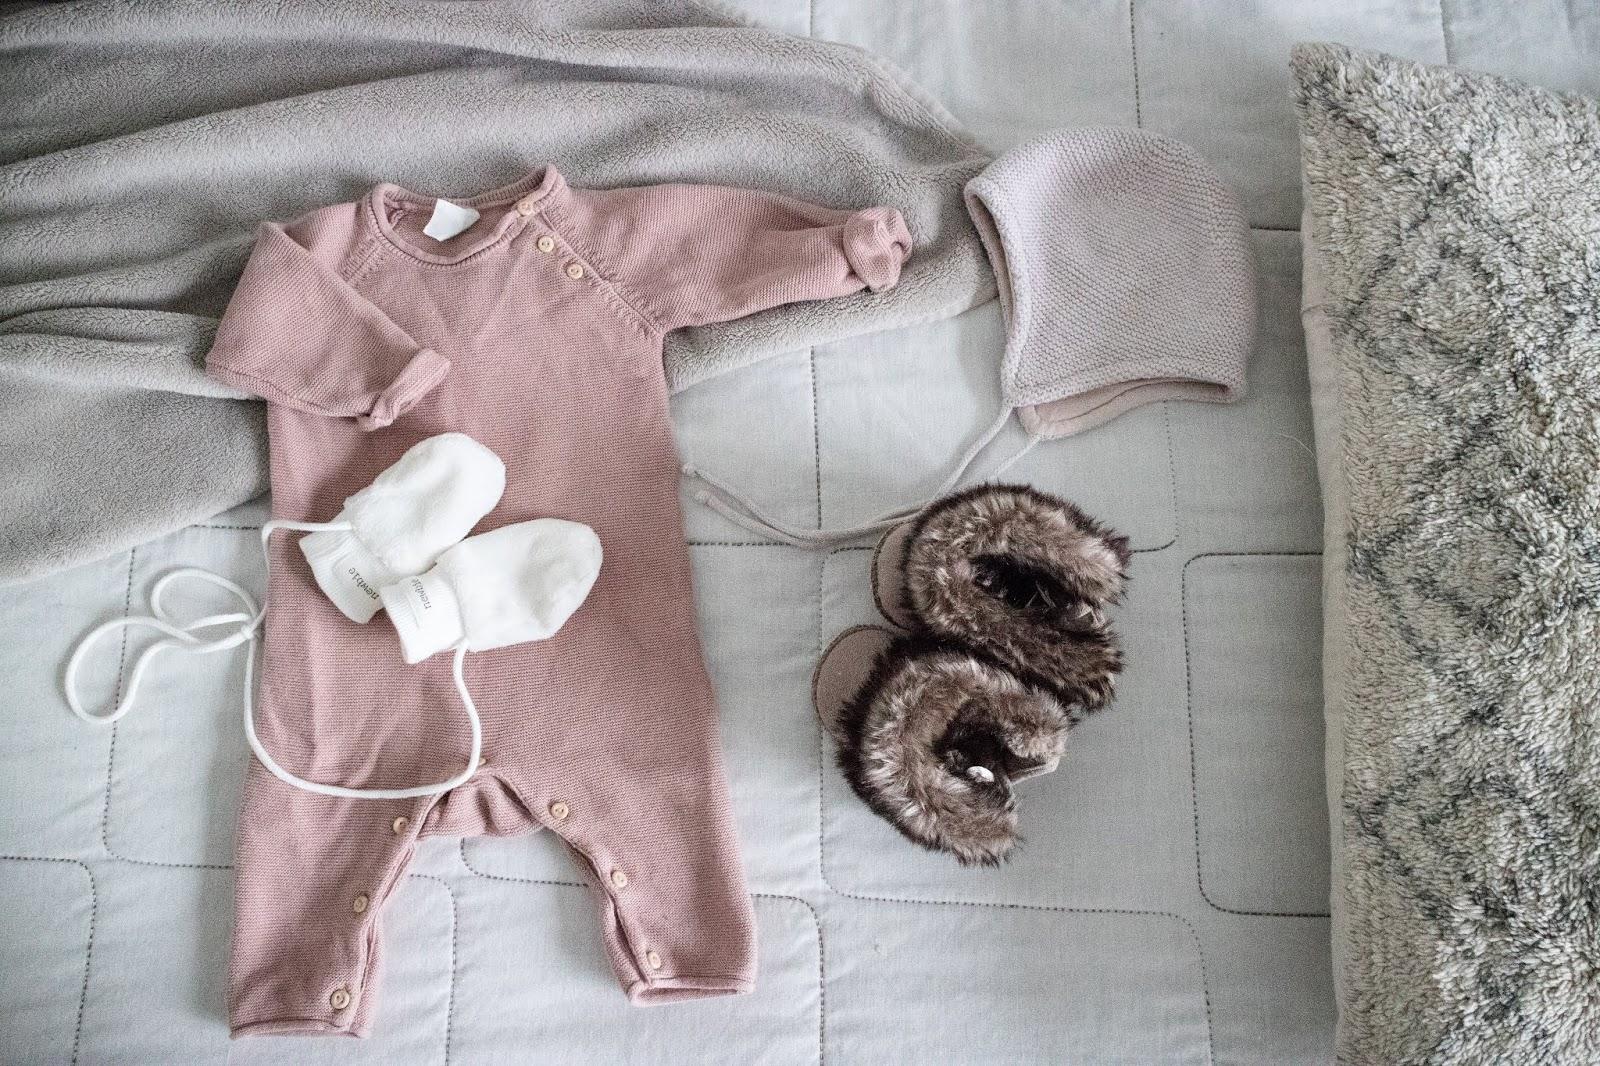 vauva, vauvavuosi, vauvanvaatteet, lastenvaatteet, verkkokauppa,